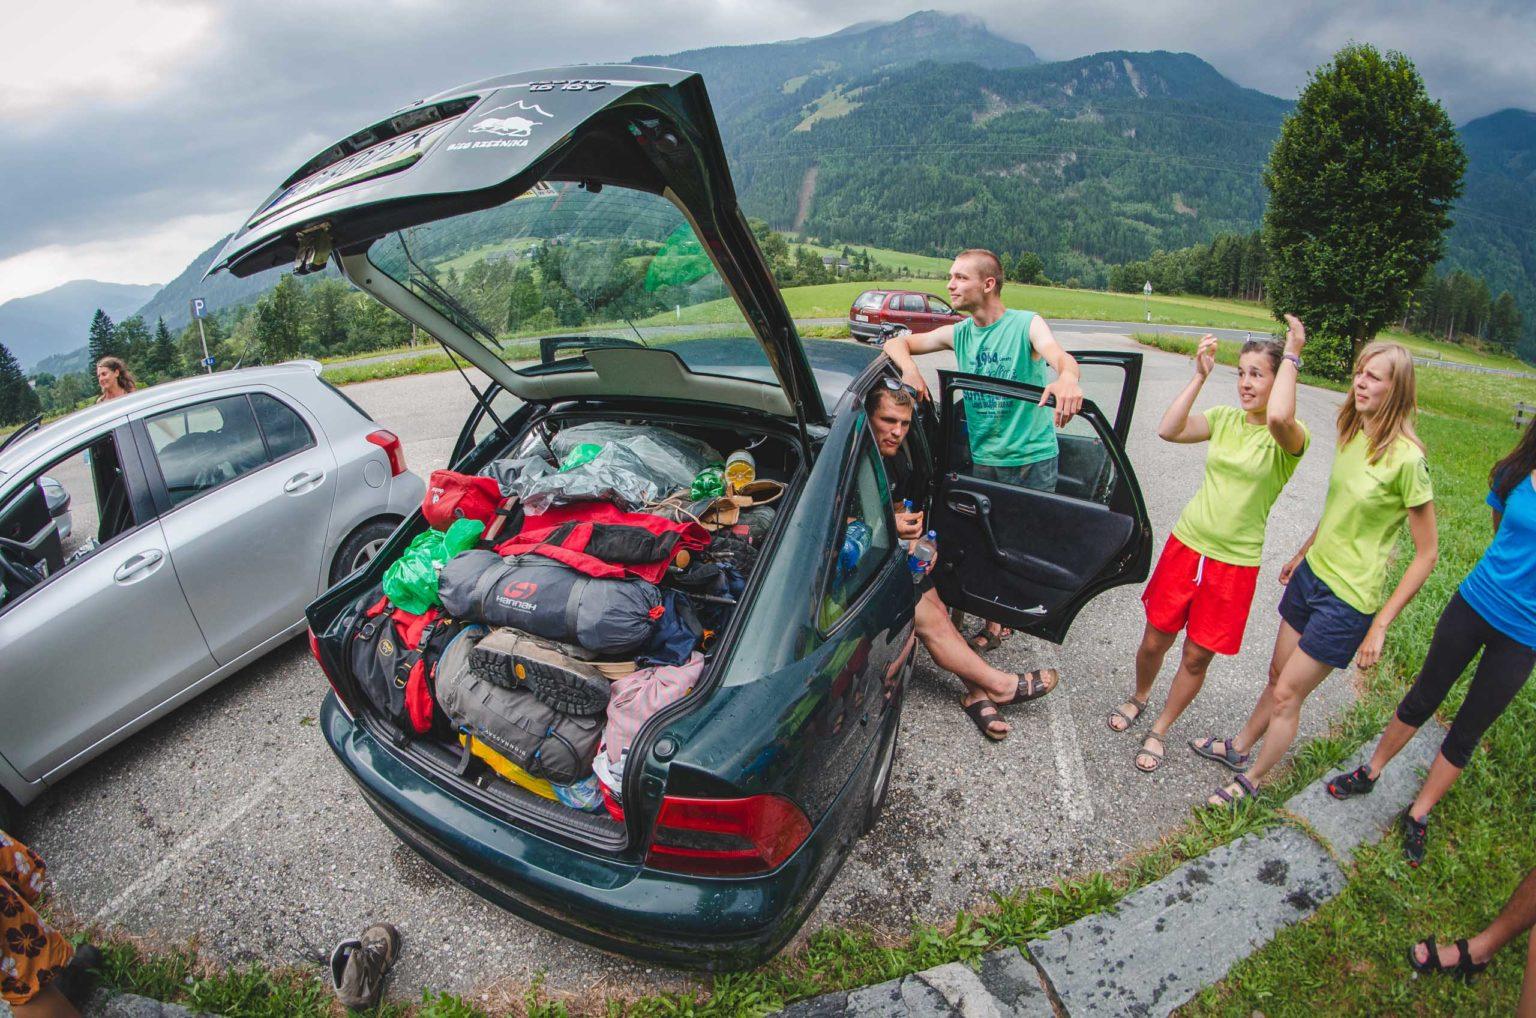 Grupa osób stoi przy wypakowanym rzeczami samochodzie